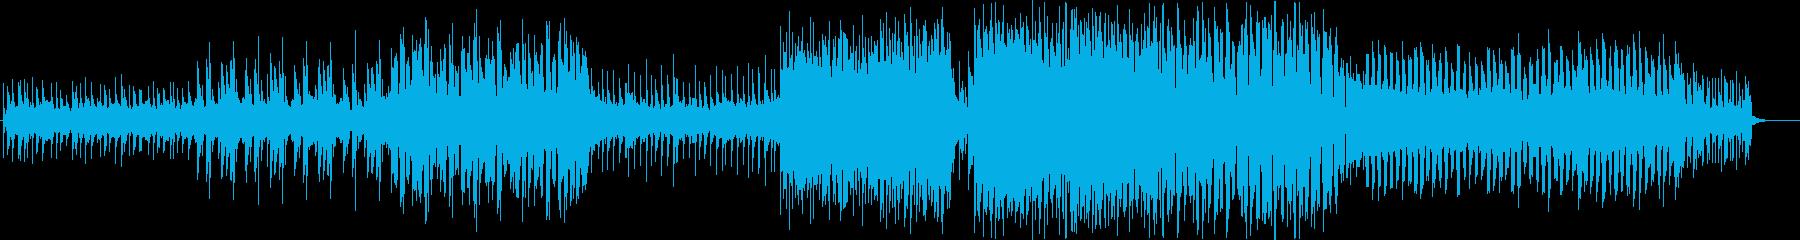 だんだんテンションがあがるクールなEDMの再生済みの波形